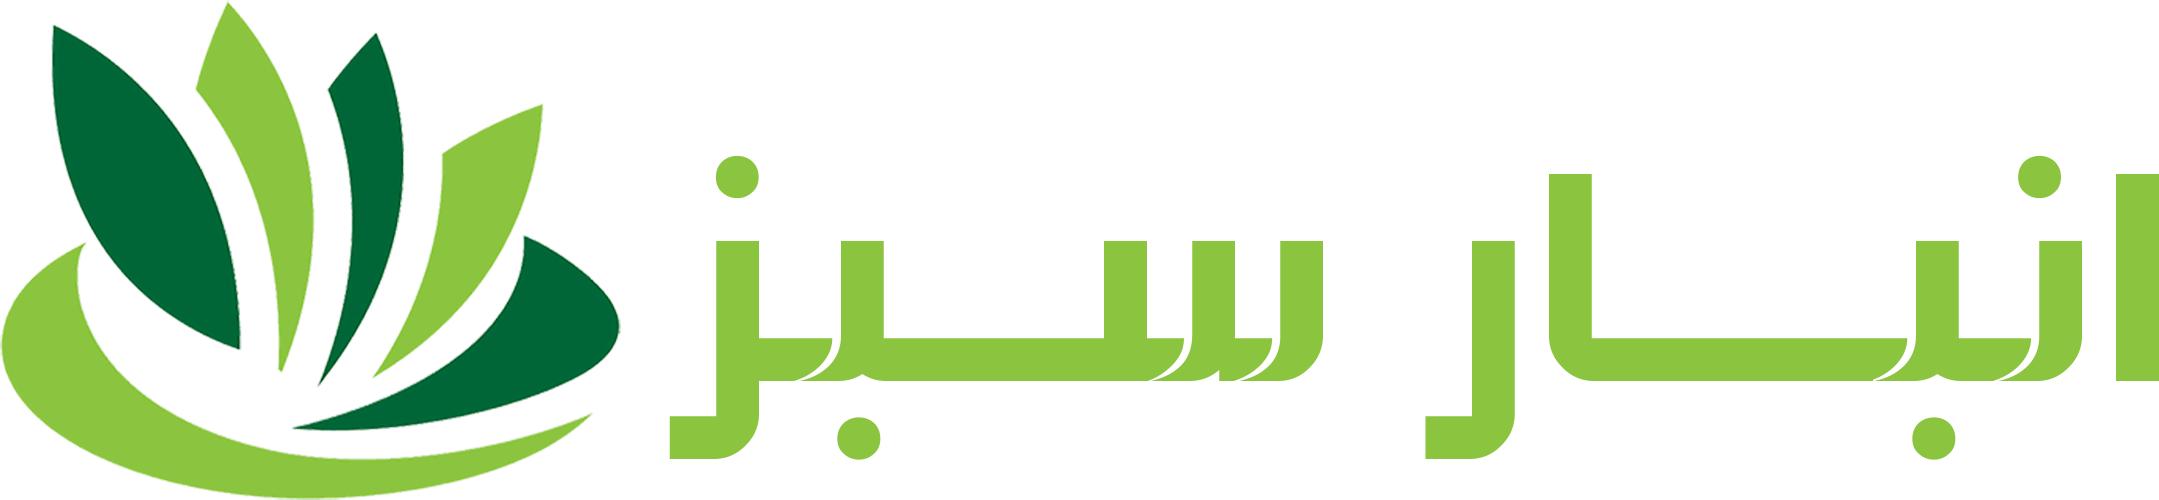 فروشگاه اینترنتی انبار سبز